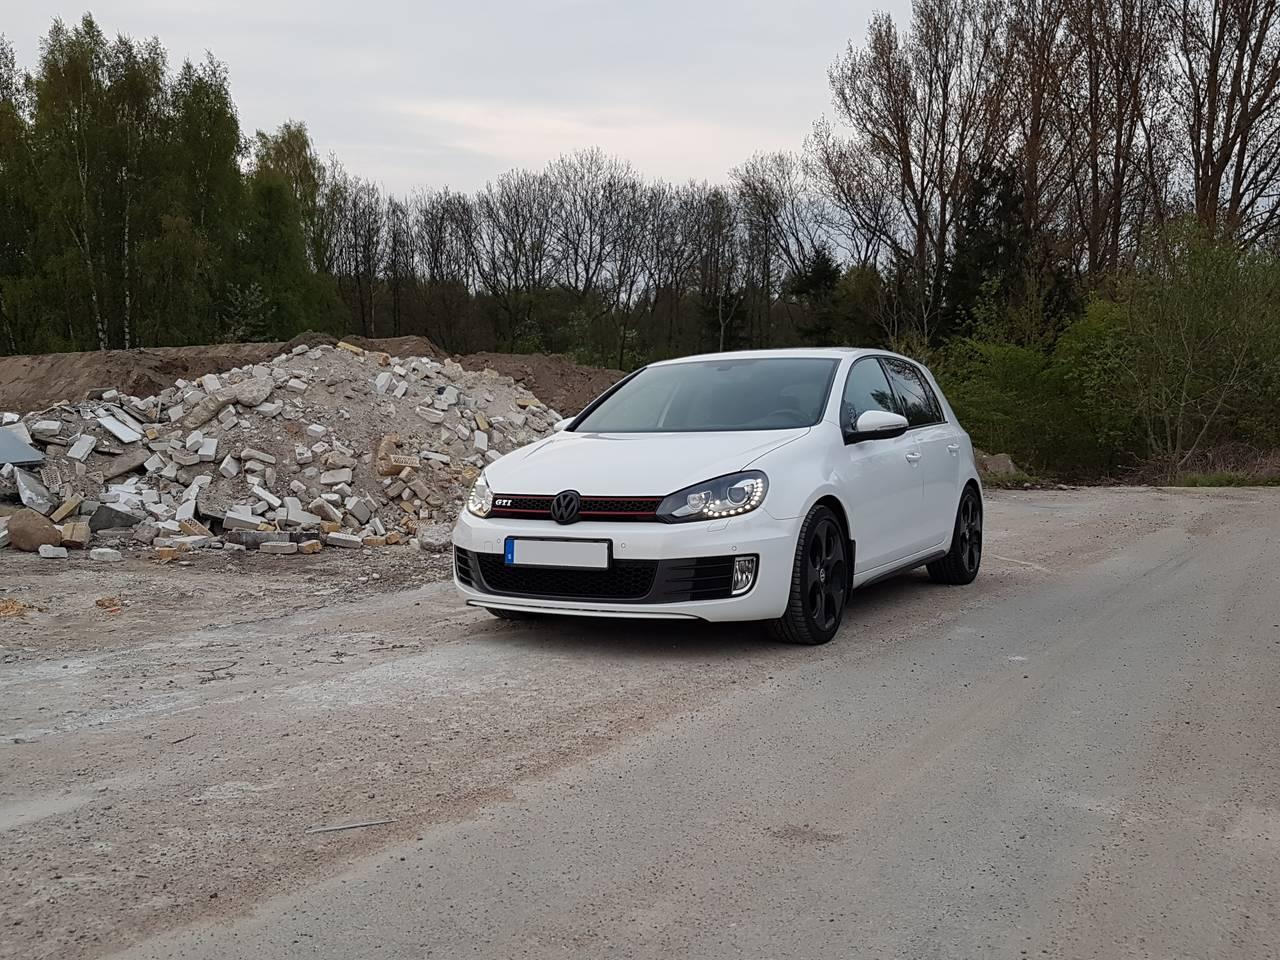 Volkswagen gti 2011 garaget for Garage volkswagen 94 creteil